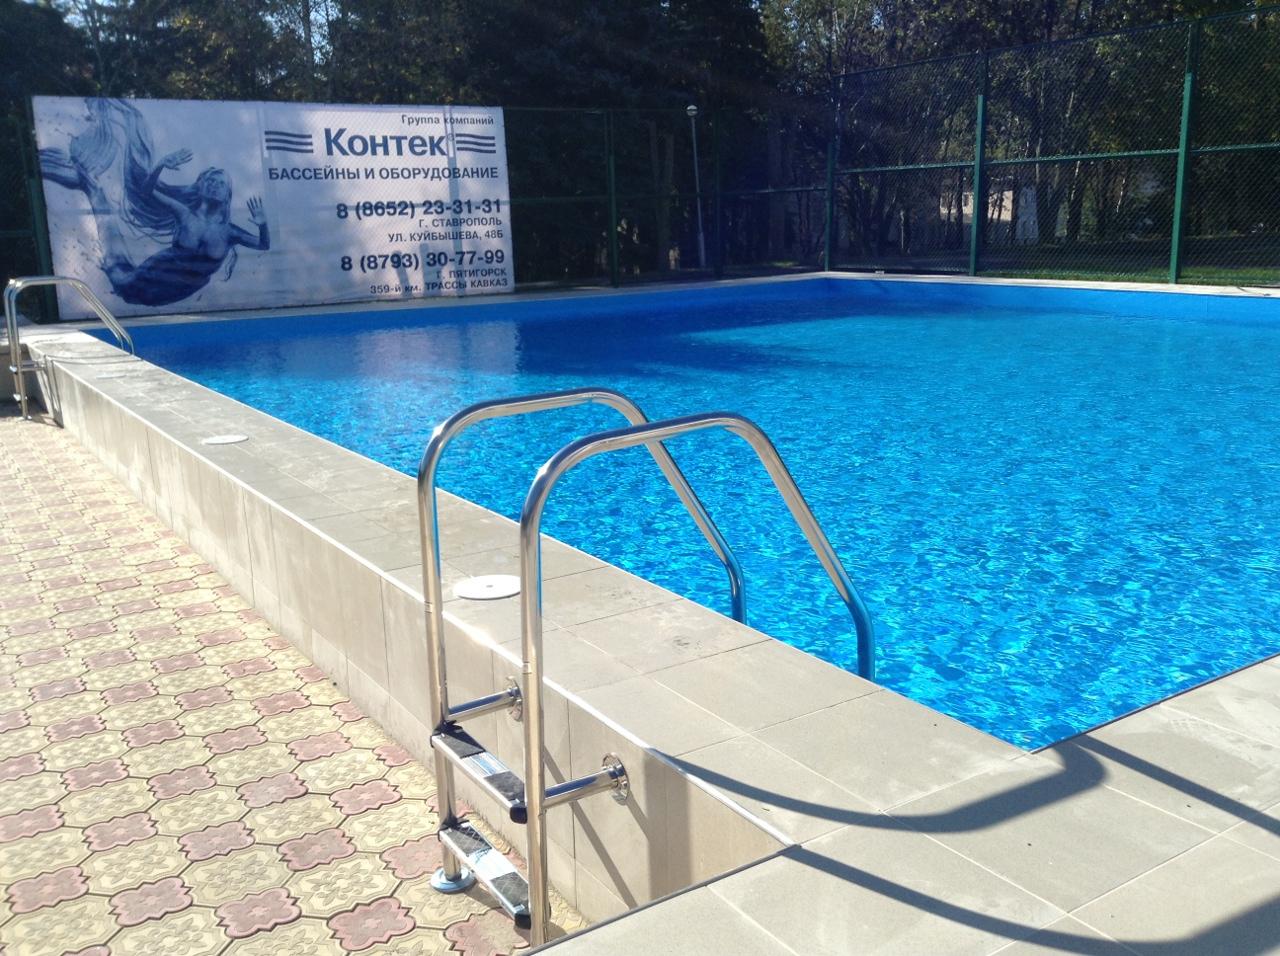 Фото раздевалки в бассейне 27 фотография